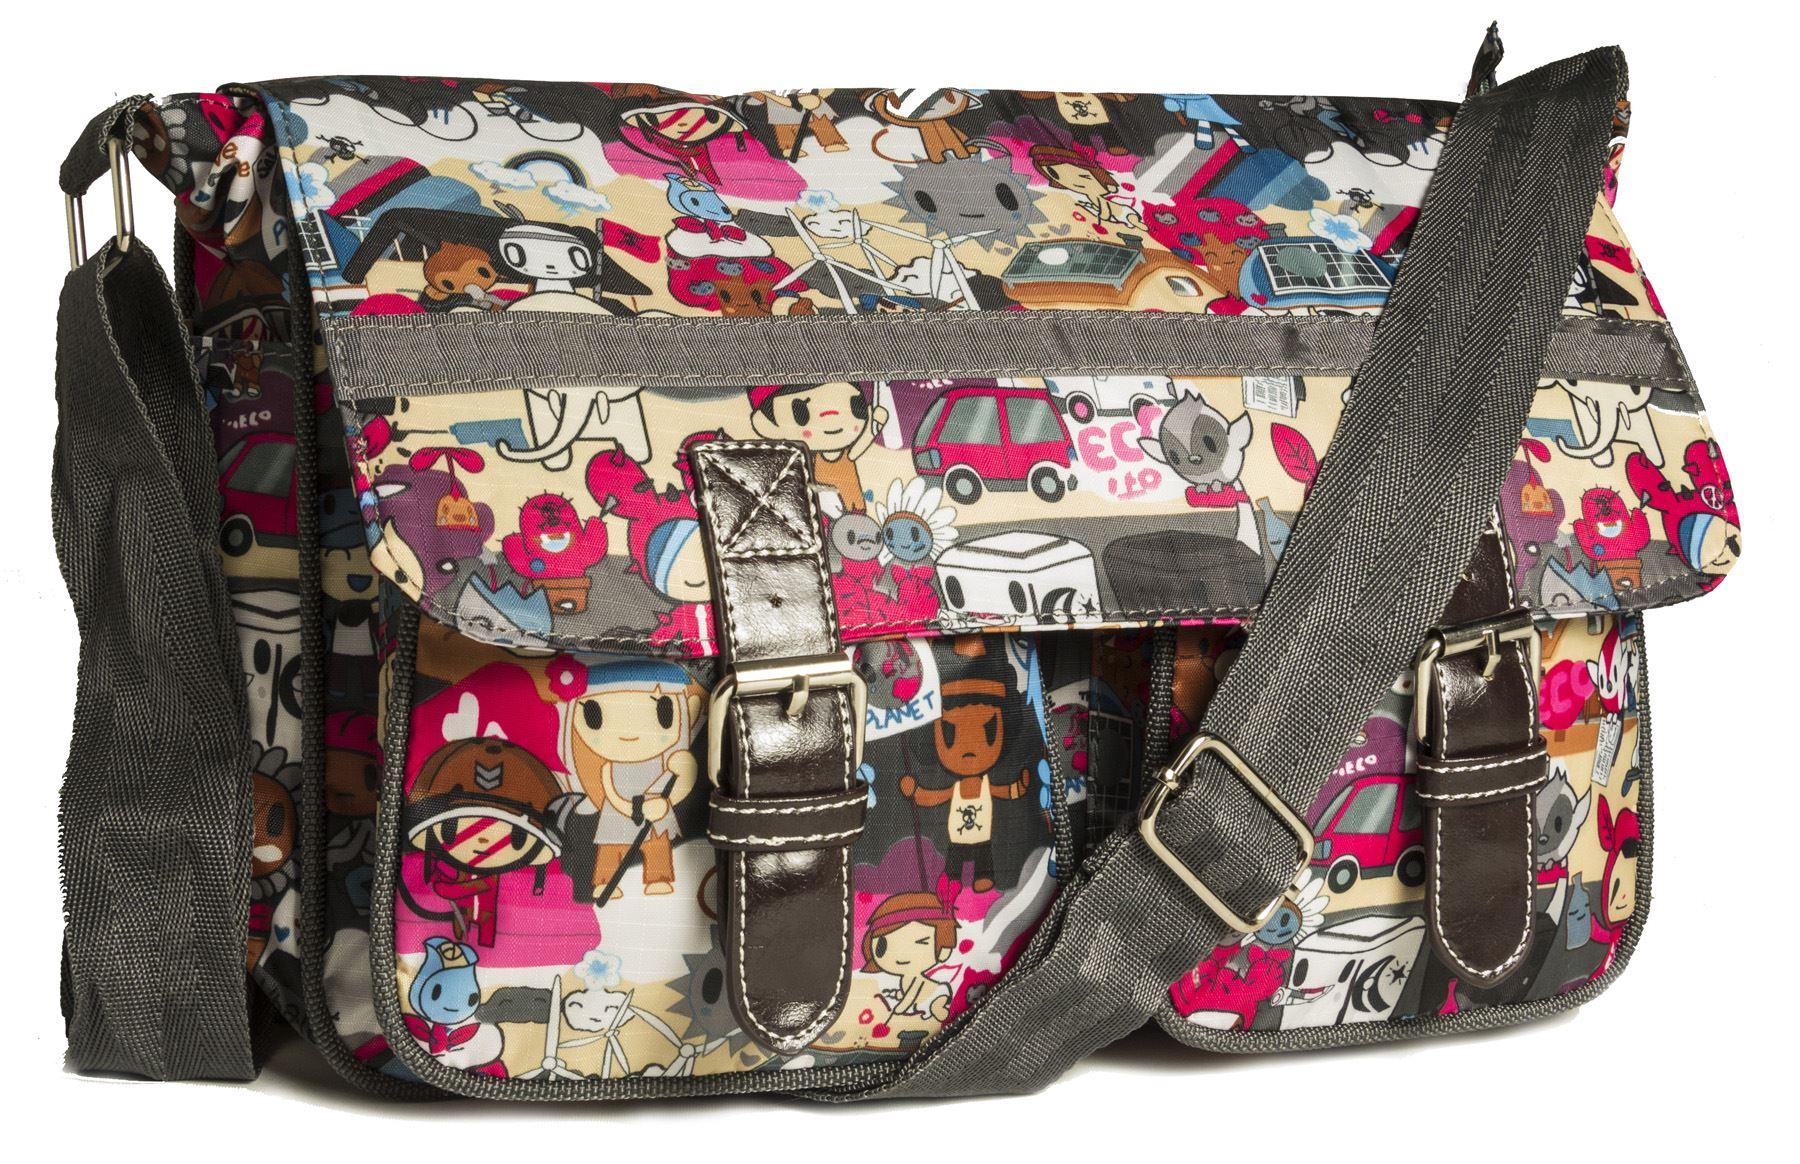 Big Handbag Shop Unisex Taschen Mit Reißverschluss Cartoon Leicht